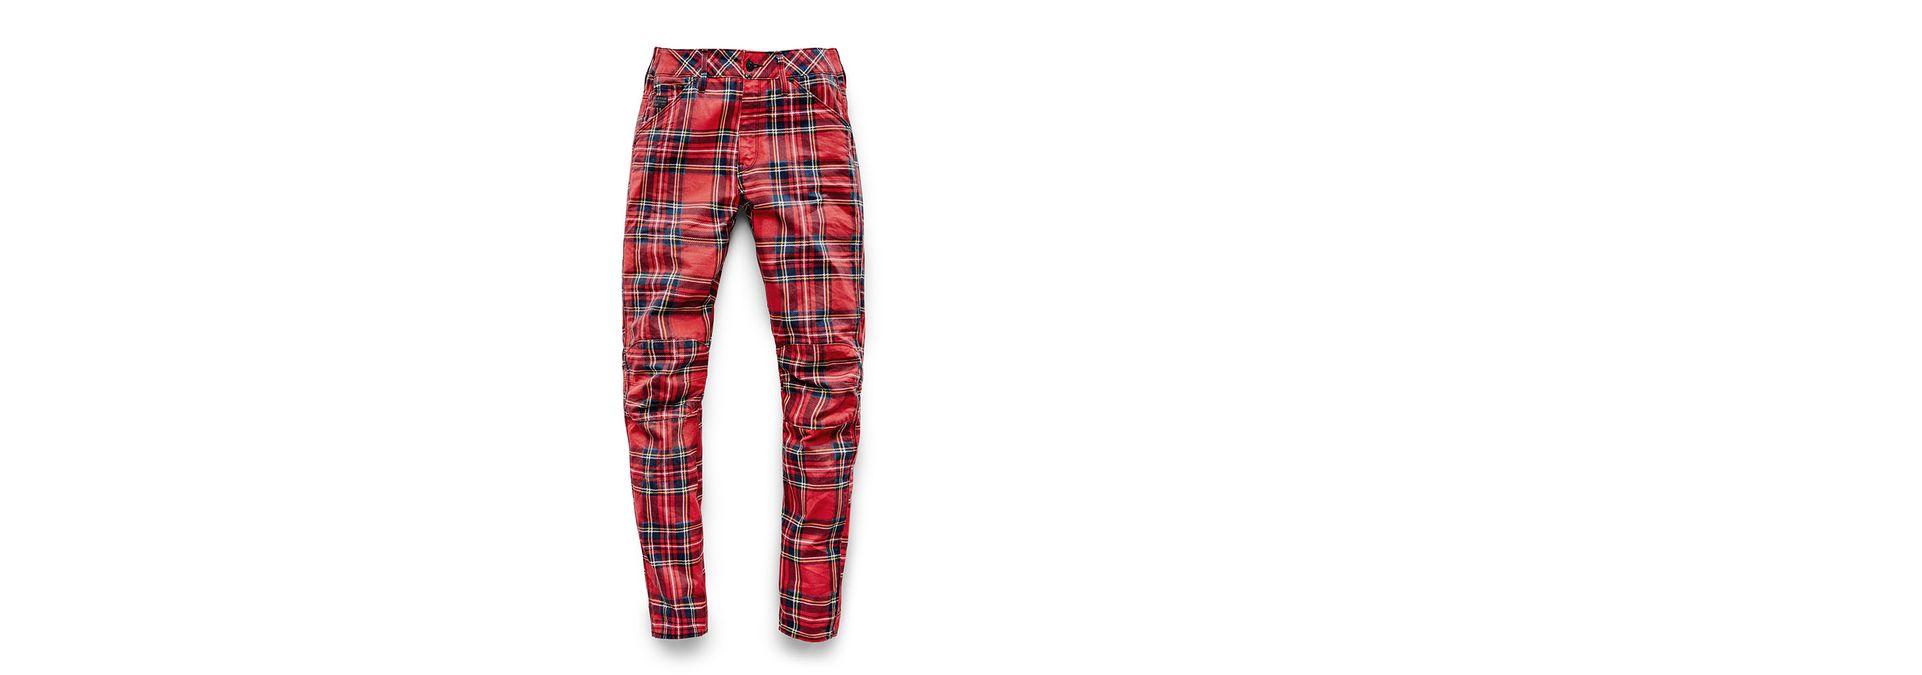 G Star Elwood X25 3D Boyfriend Women's Jeans